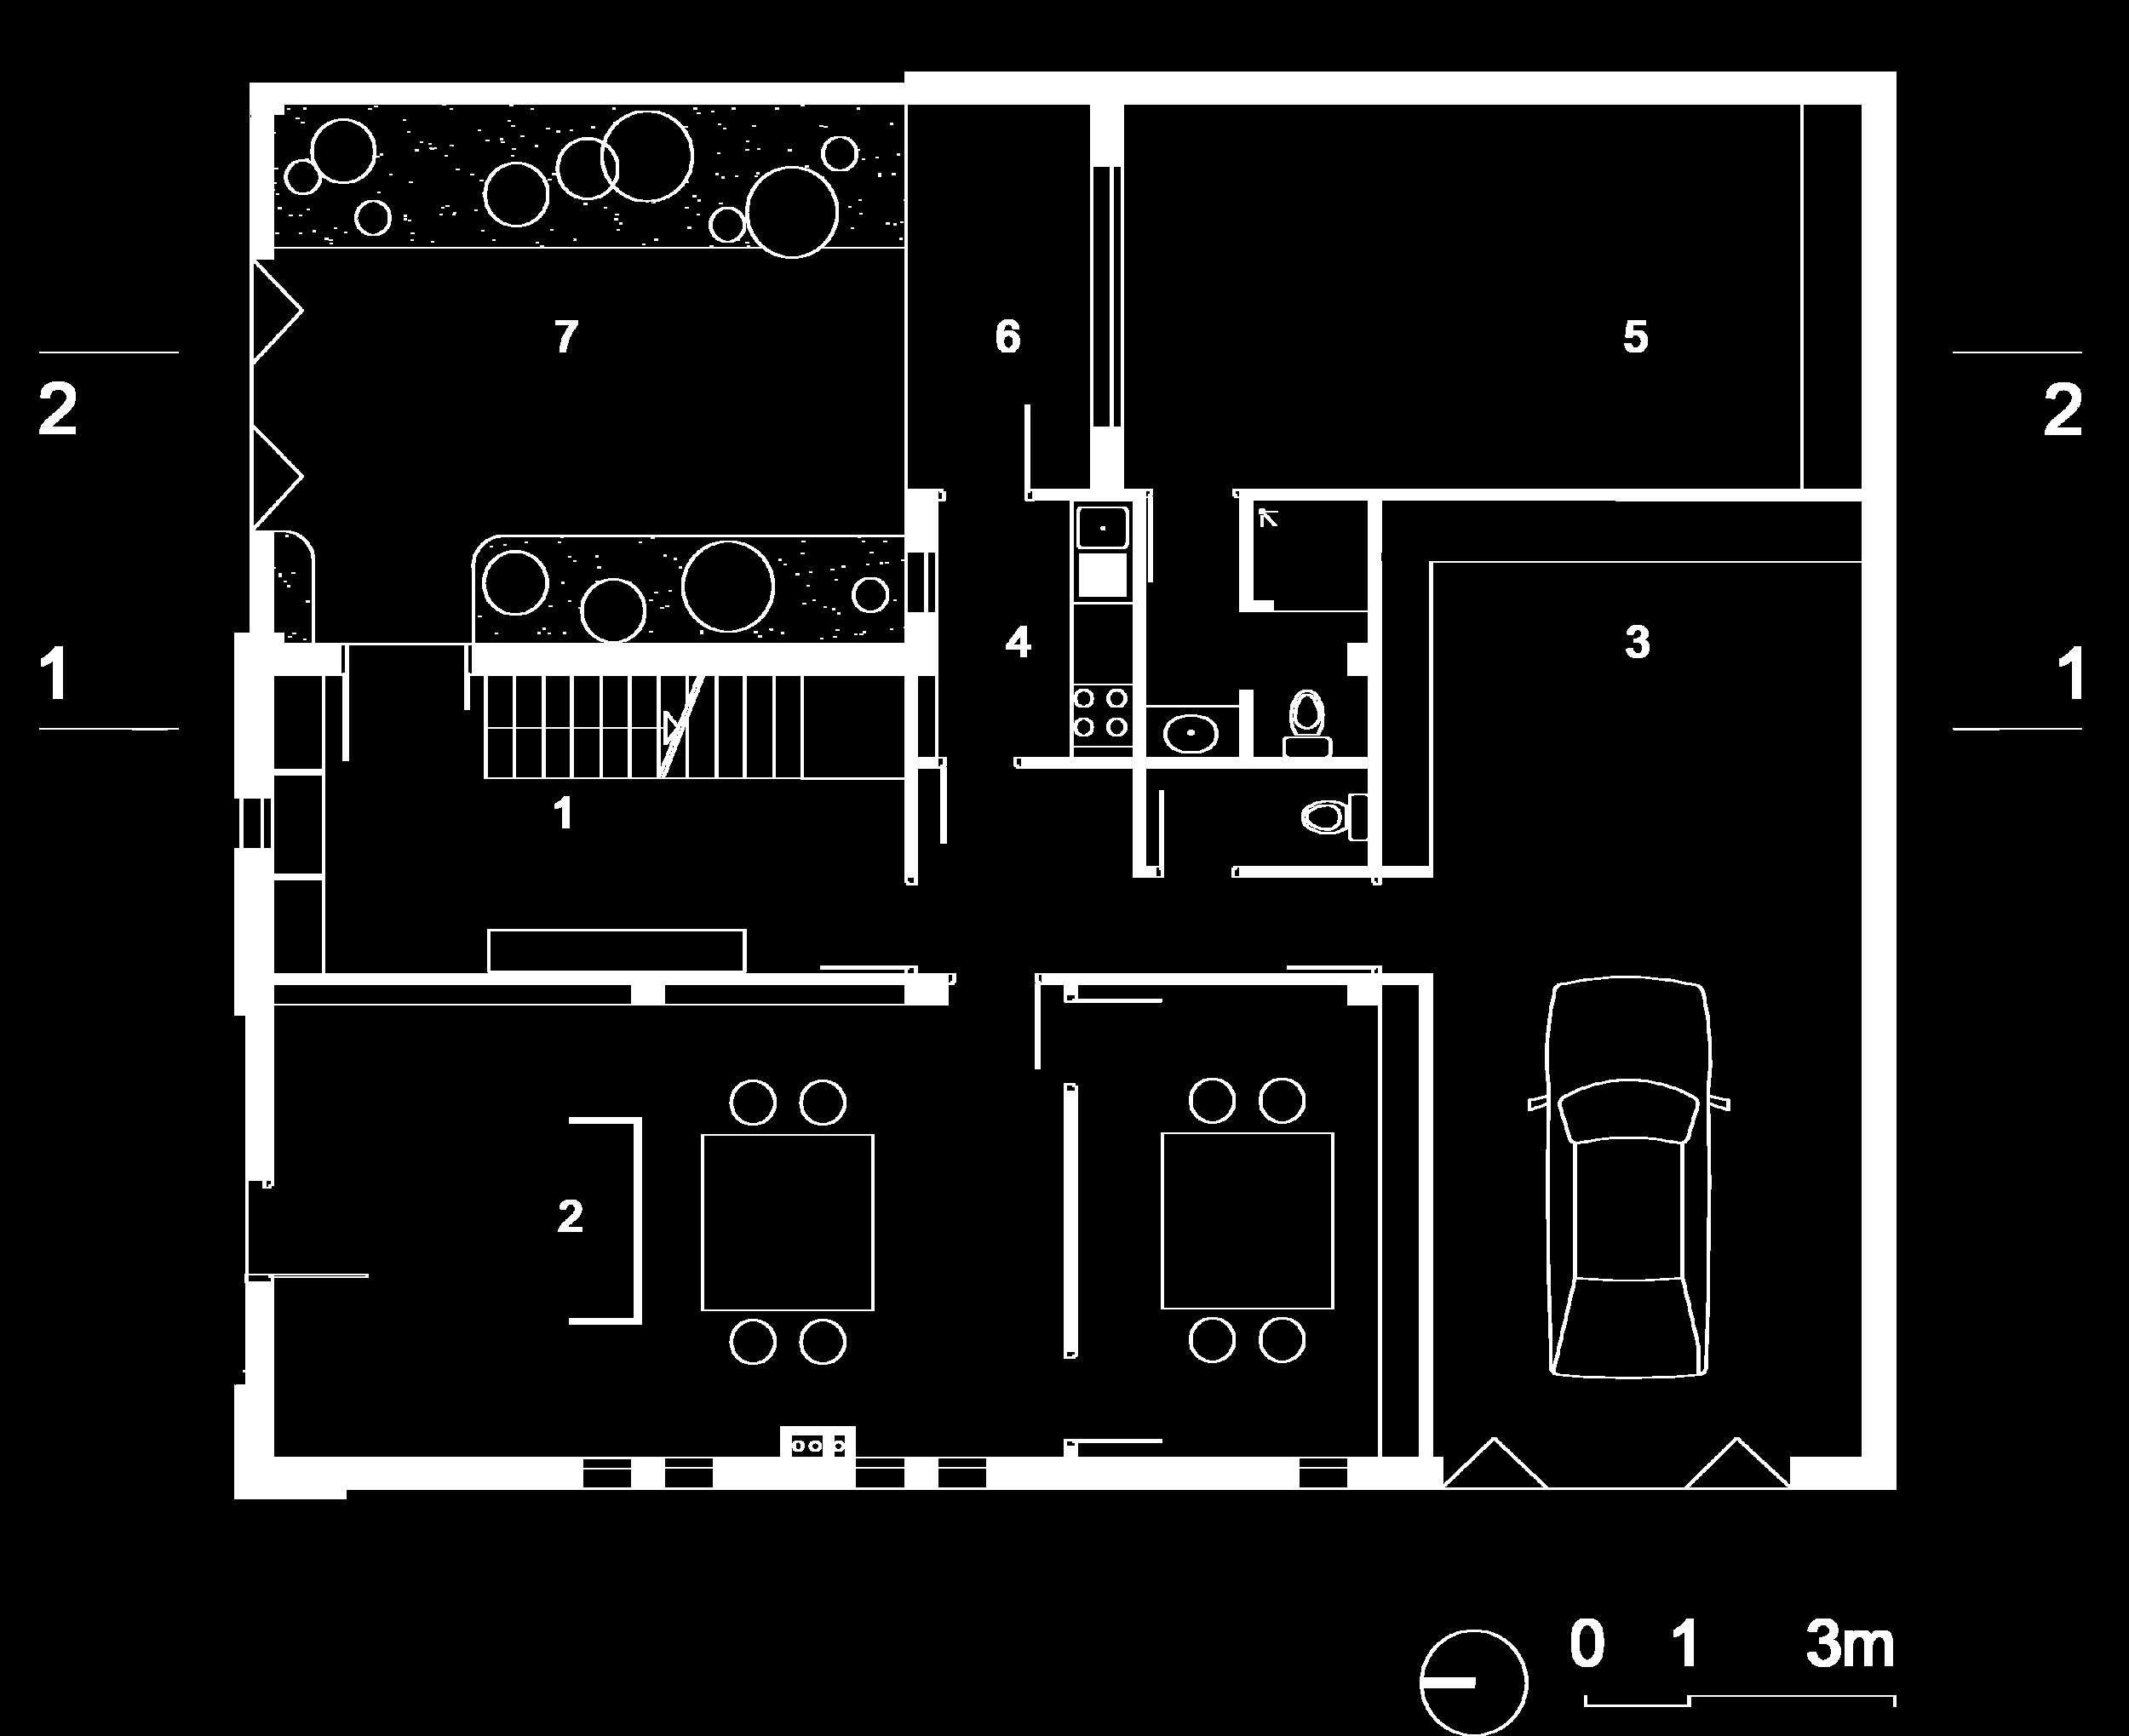 Plan rez-de-chaussé :  1- entrée, 2- Bureau, 3-garage, 4-Kitchenette, 5-Suite invité, 6-Terrasse couverte, 7- Patio jardin.